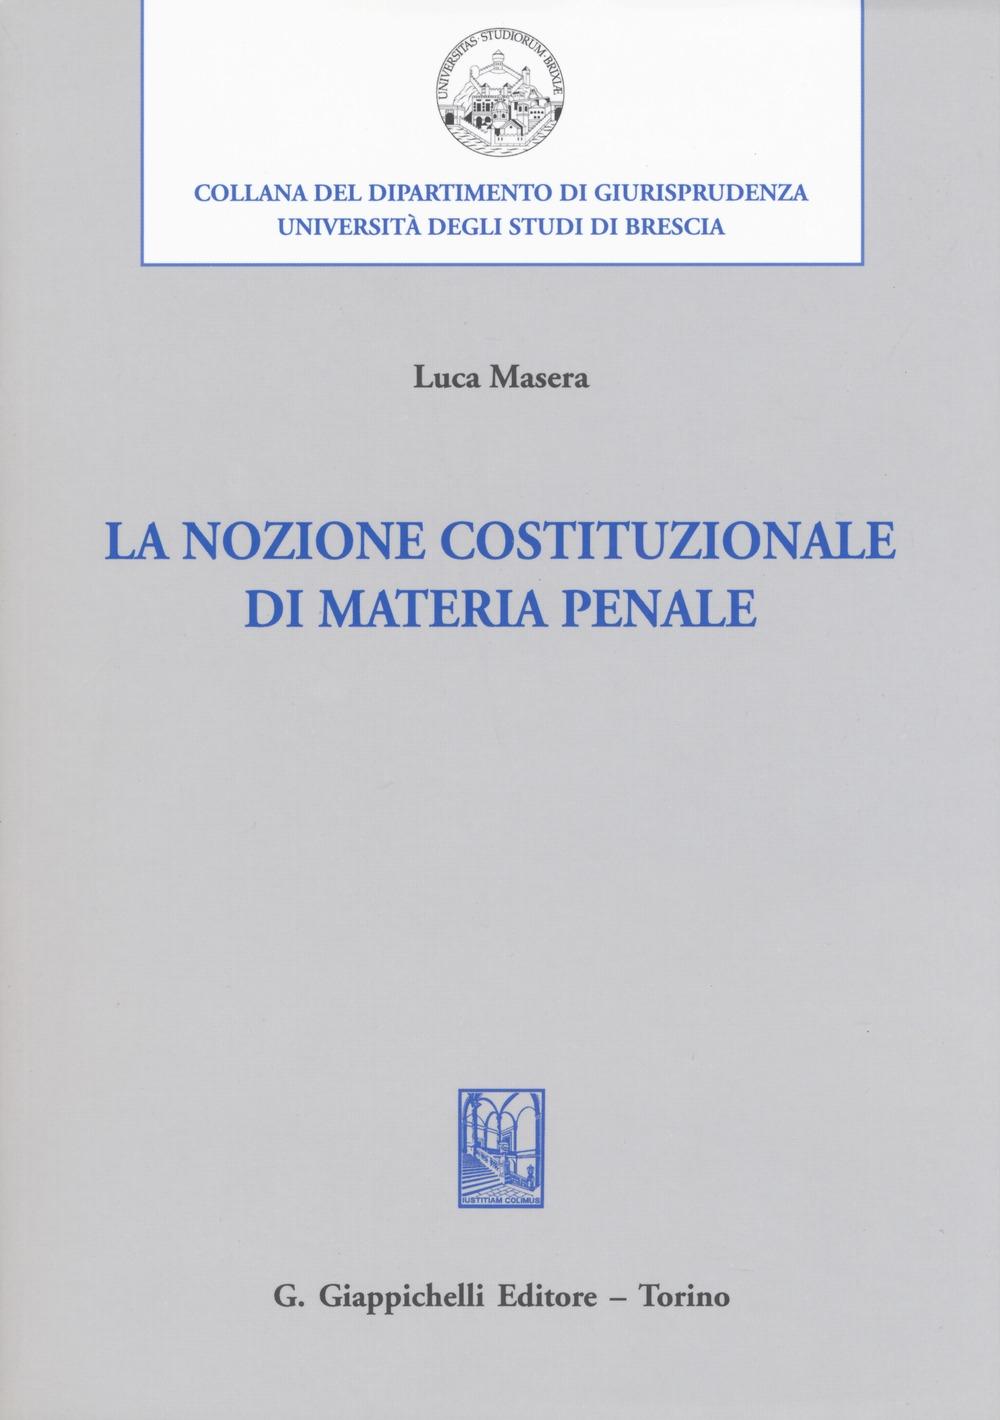 La nozione costituzionale di materia penale